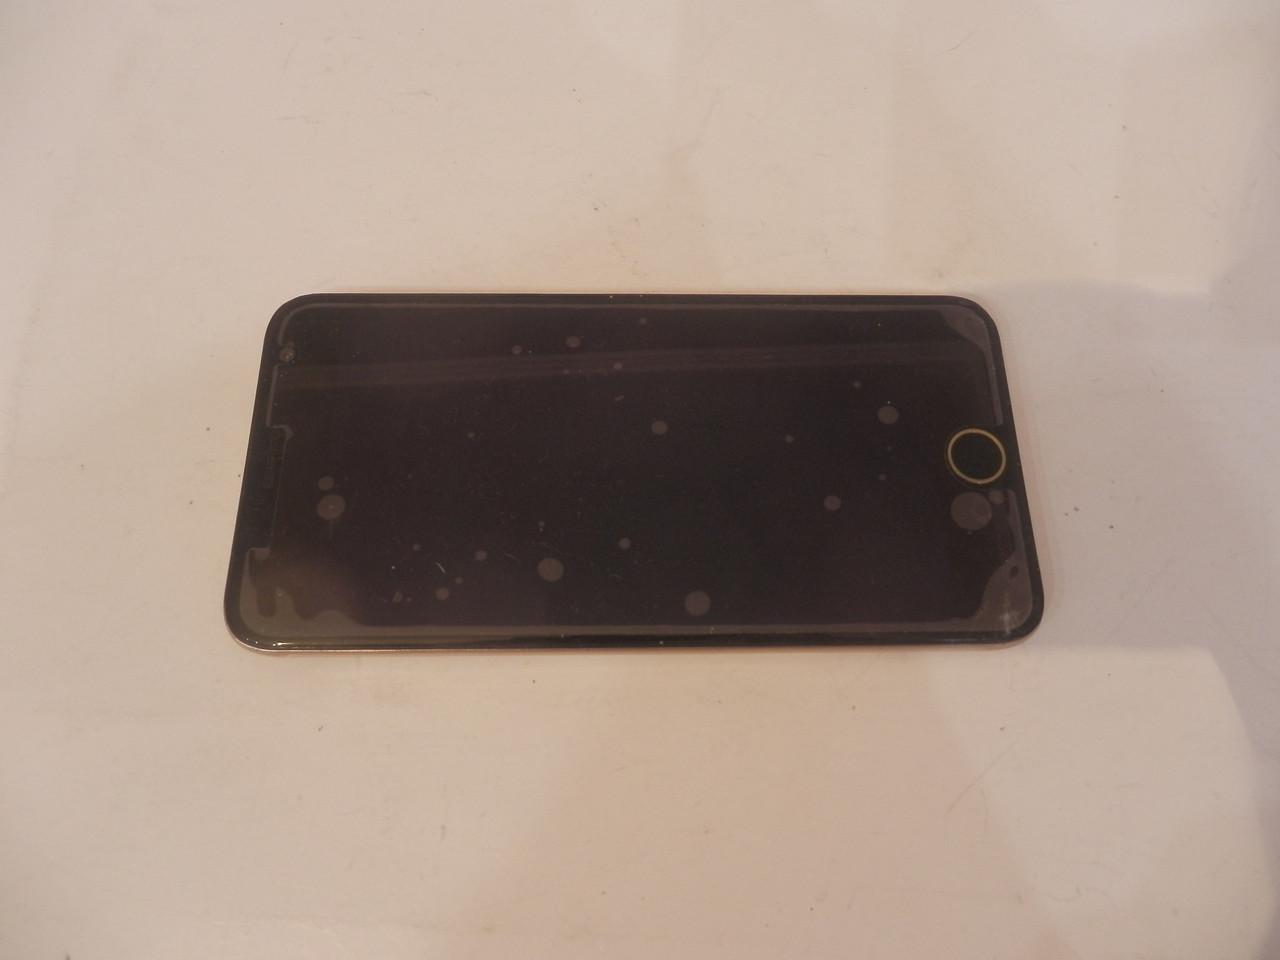 Мобильный телефон Prestigio PSP7501 R7 №6275